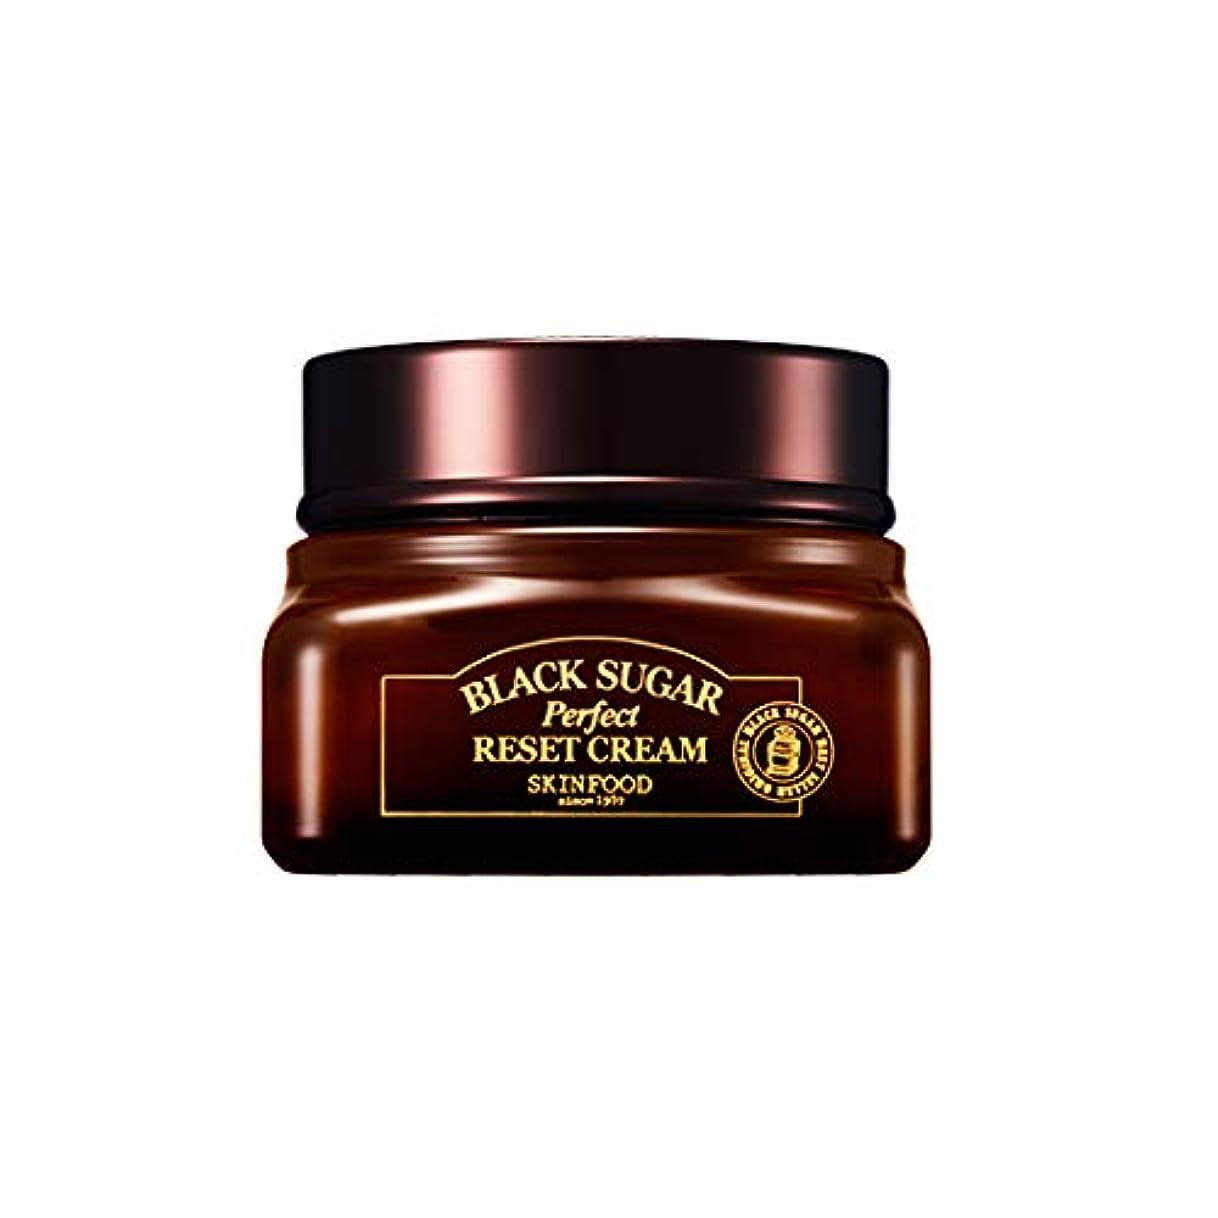 いちゃつく災難百科事典Skinfood 黒糖パーフェクトリセットクリーム/Black Sugar Perpect Reset Cream 60ml [並行輸入品]